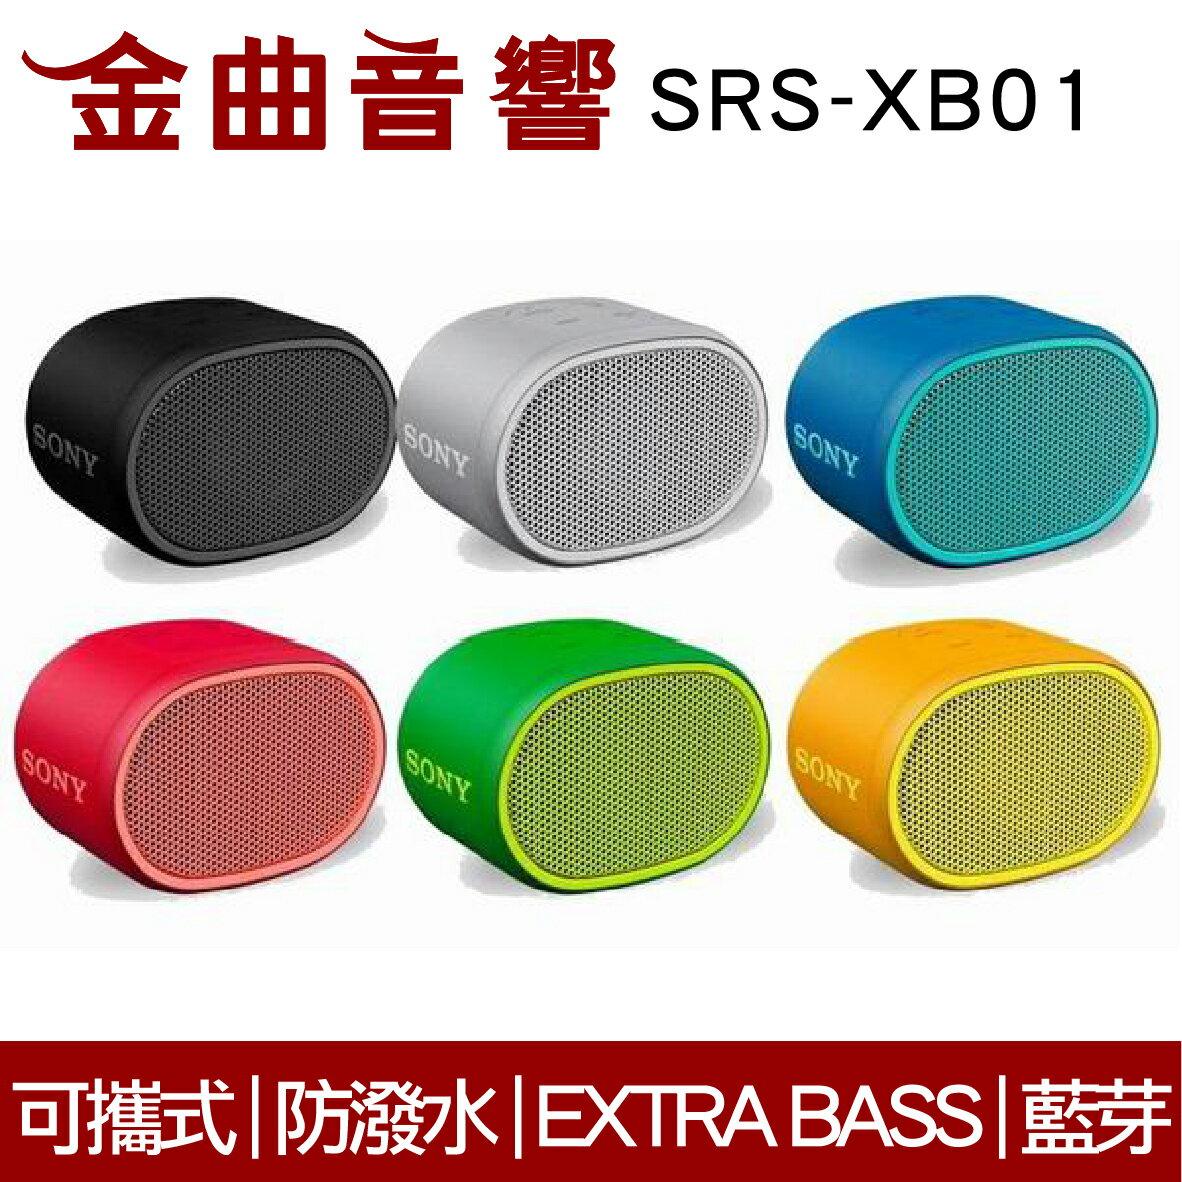 SONY 索尼 SRS-XB01 黃 可攜式 防潑水 重低音 EXTRA BASS 藍芽 喇叭 | 金曲音響